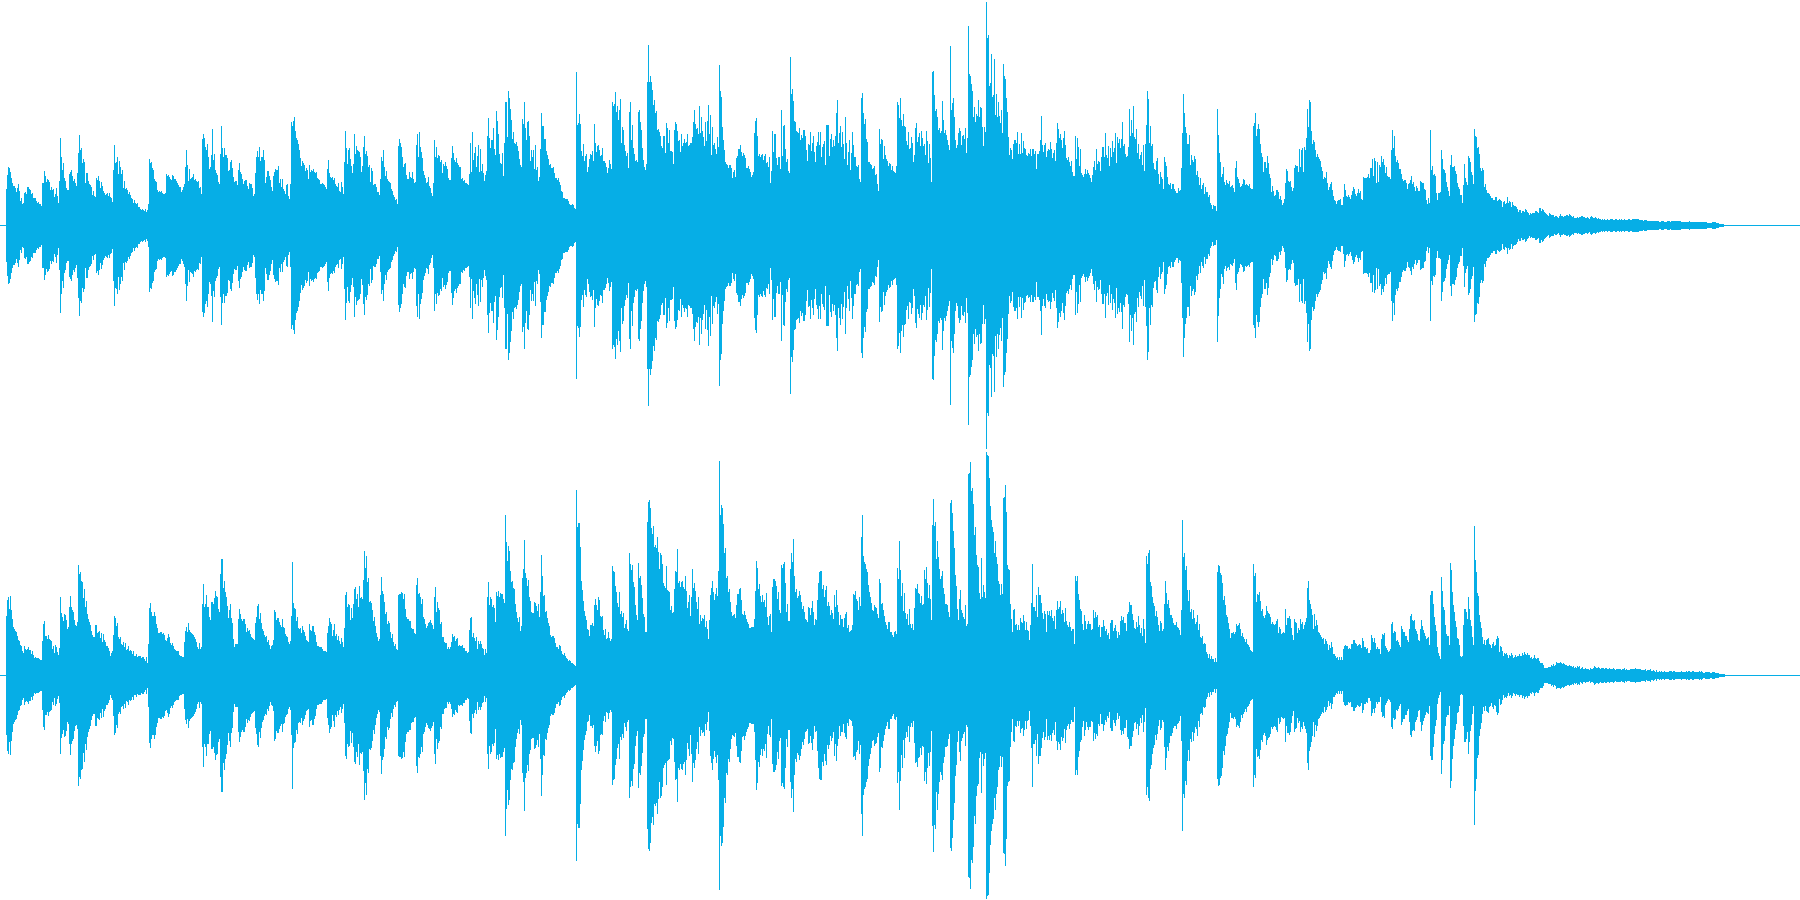 澄み渡る和音のメロディアスピアノジングルの再生済みの波形